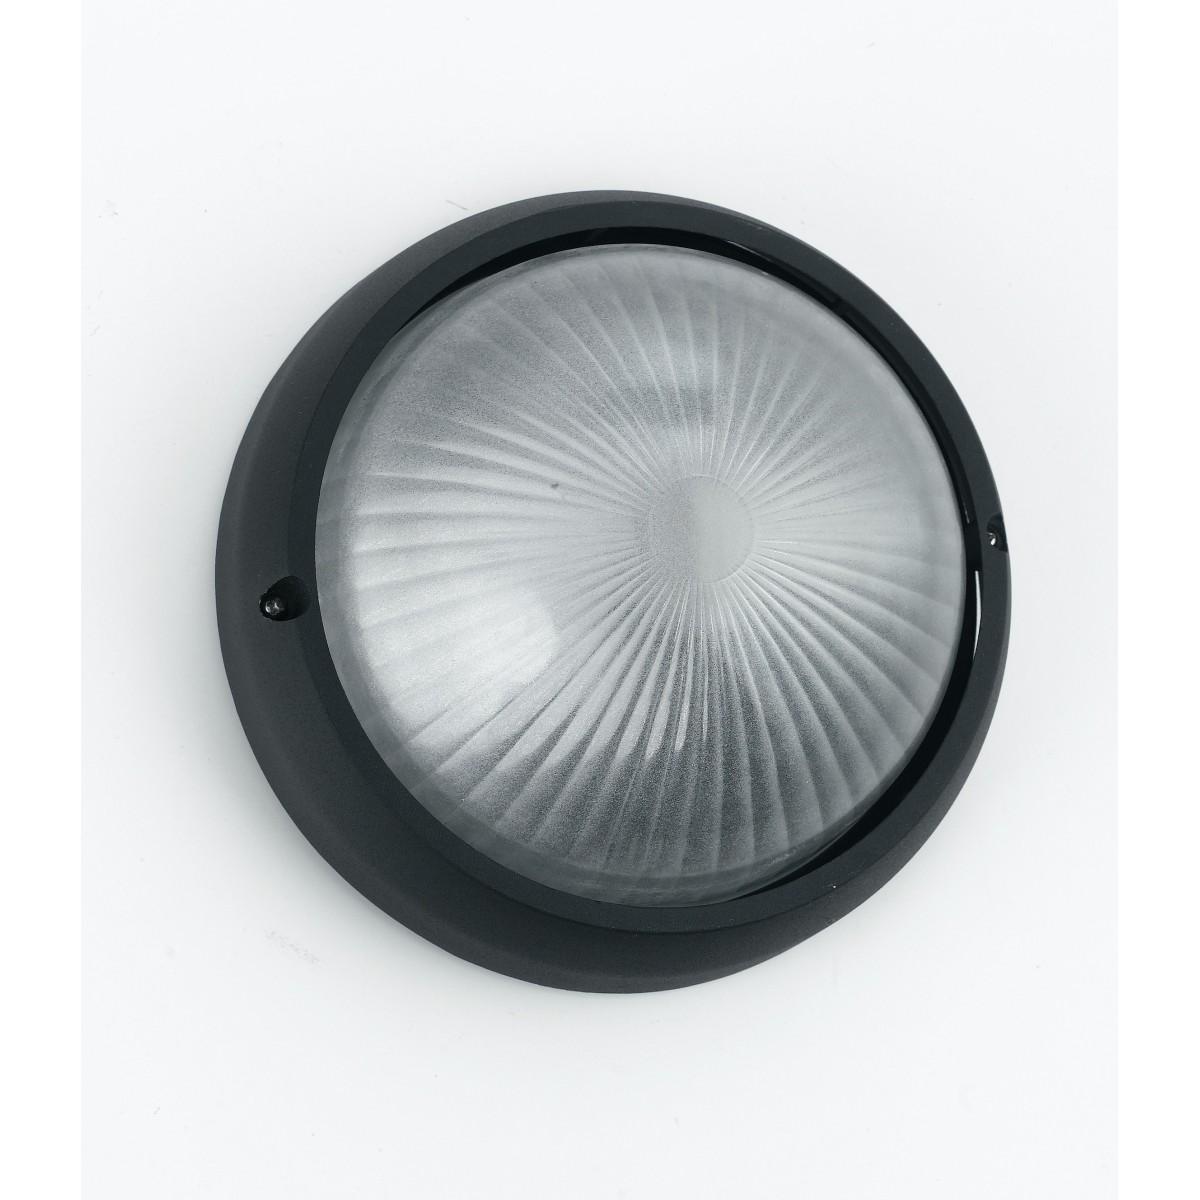 I-3072S/NERO - Plafoniera Alluminio Nero Tonda diffusore Vetro Esterno Palestre Spogliatoi E27